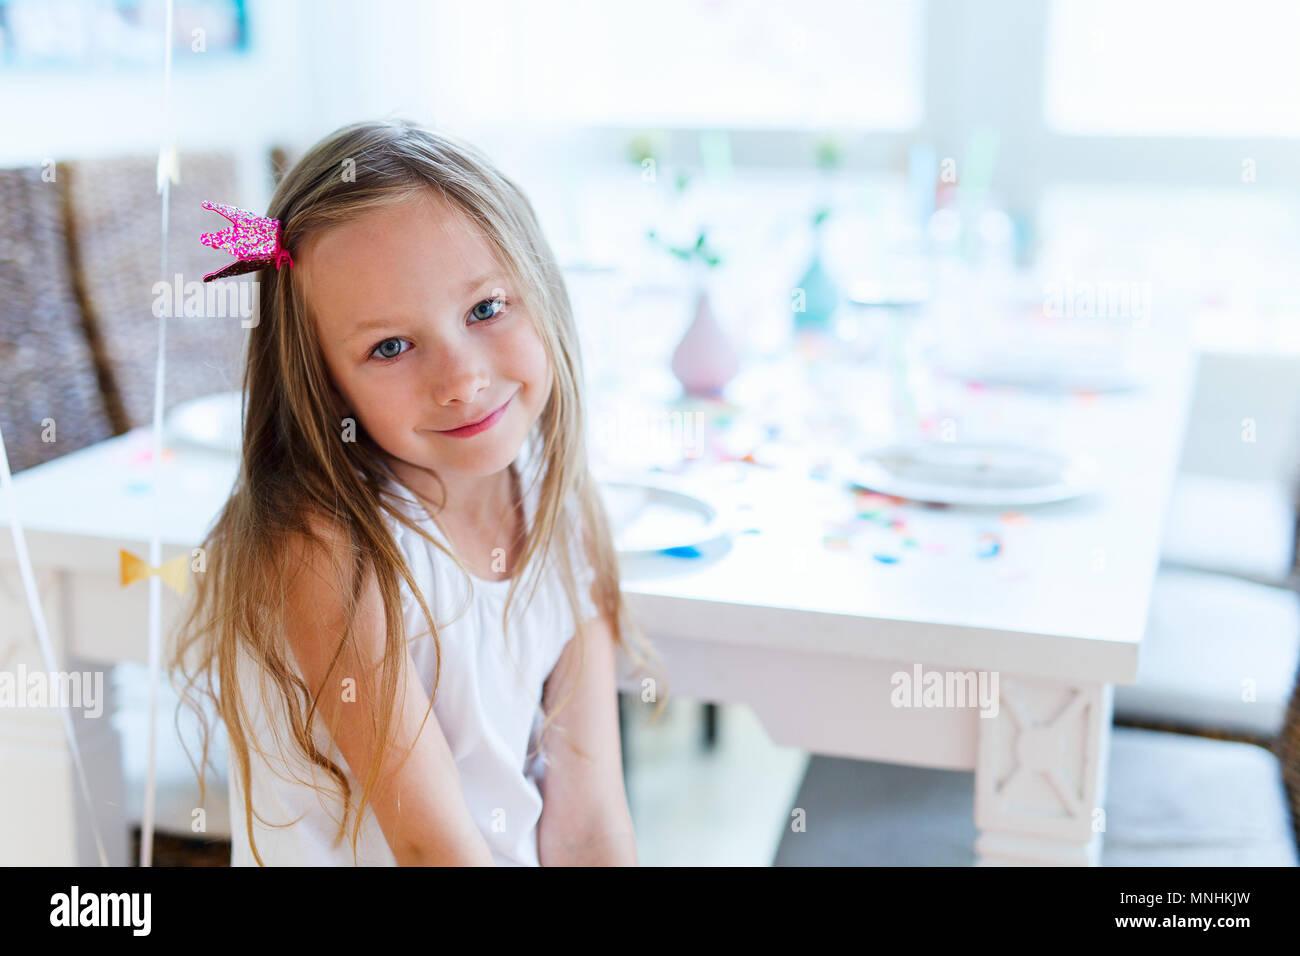 Adorabile bambina con princess crown a kids festa di compleanno Immagini Stock